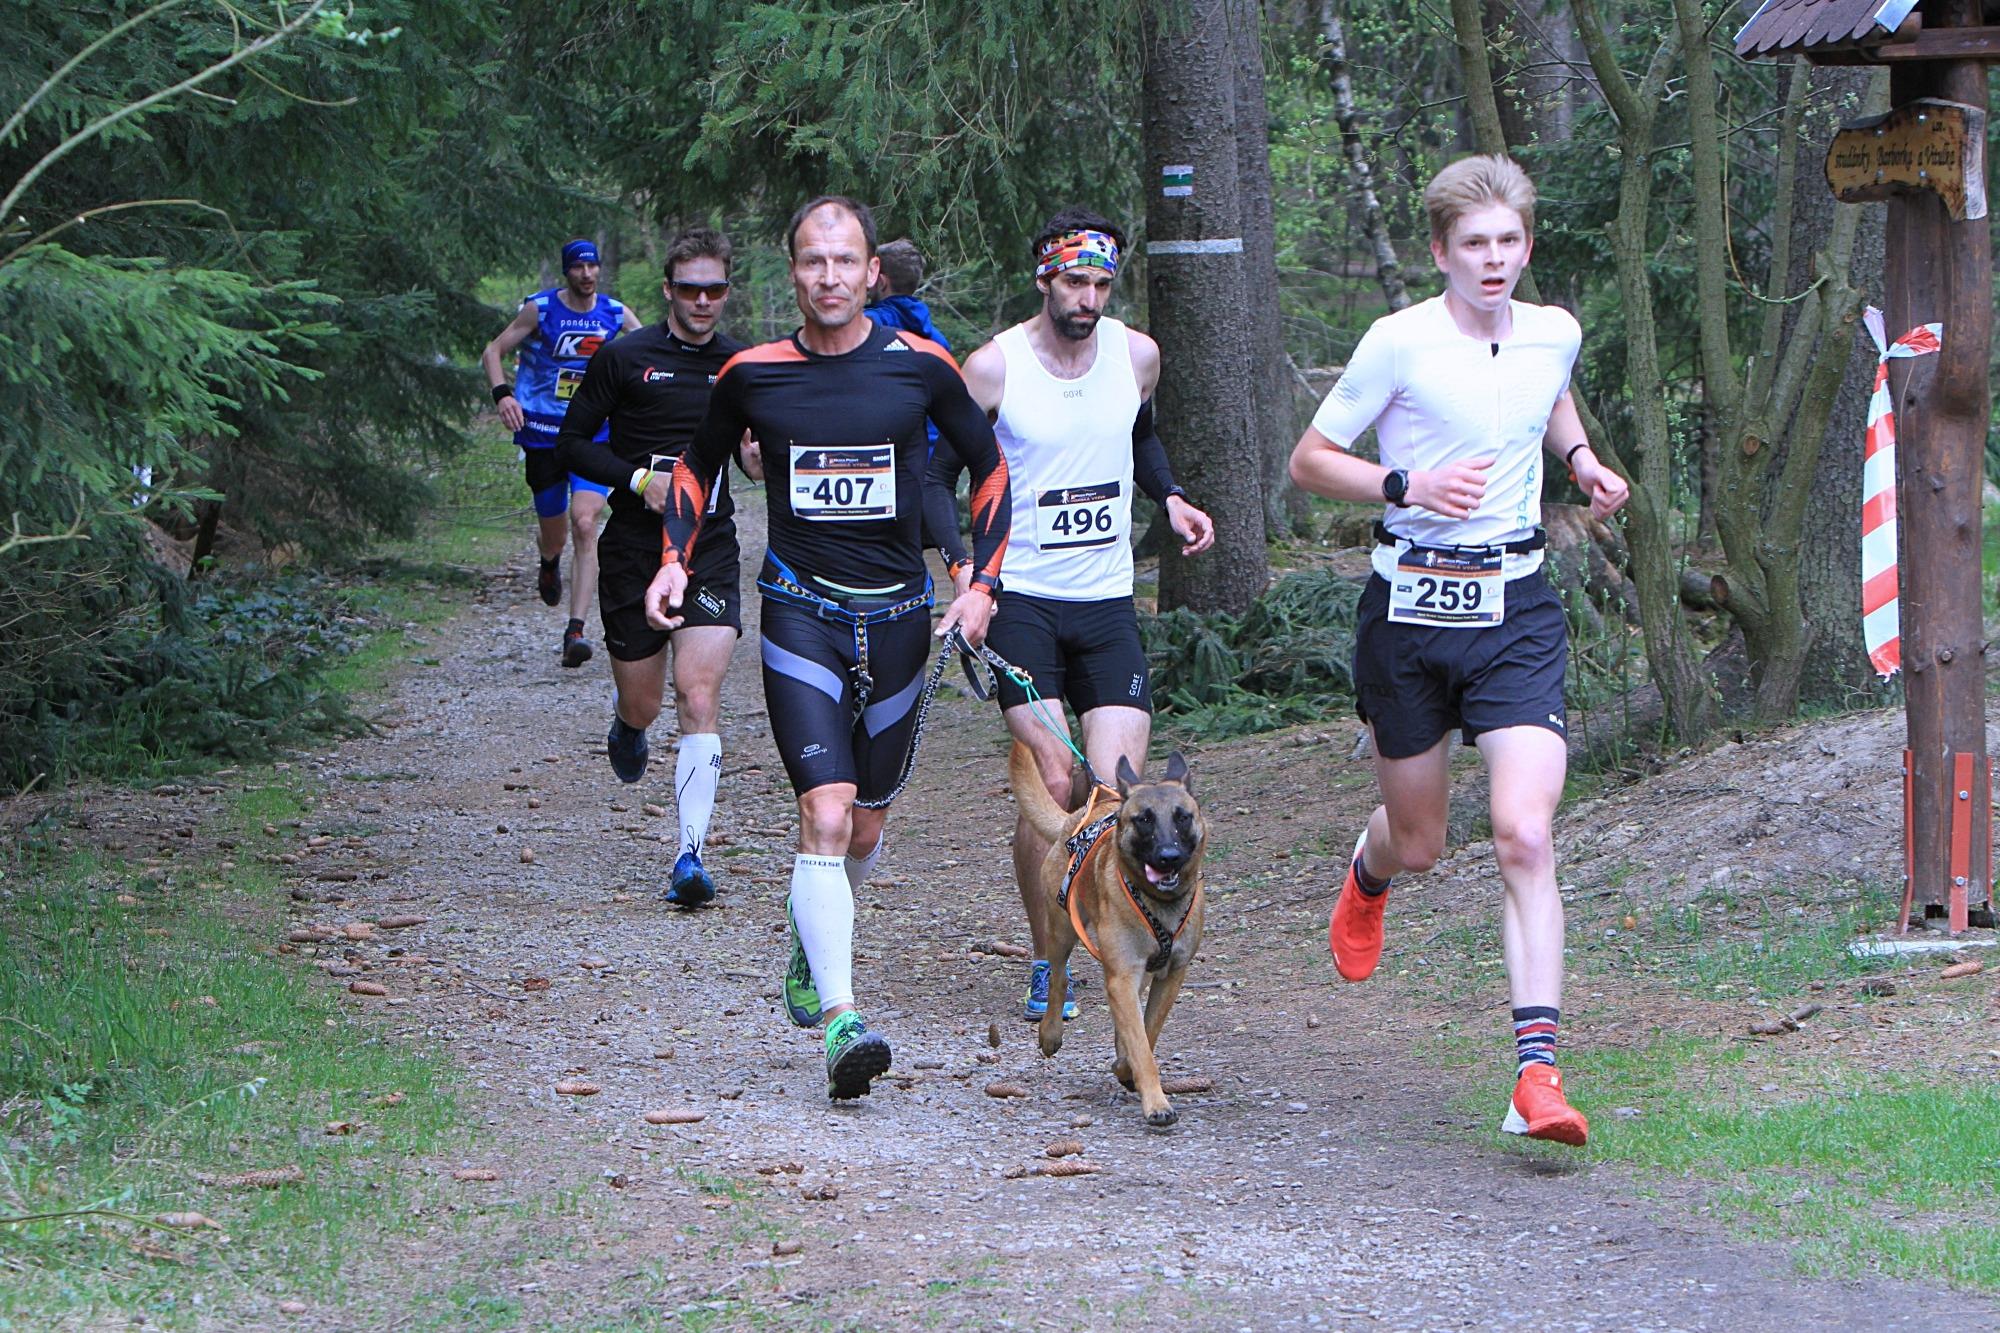 nejrychlejší běžci na Shortu - Jiří Švancara (407 - vítěz dogtrekingu) Hynek Škrabal (259-vítěz kategorie muži) foto:P. Pátek PatRESS.cz